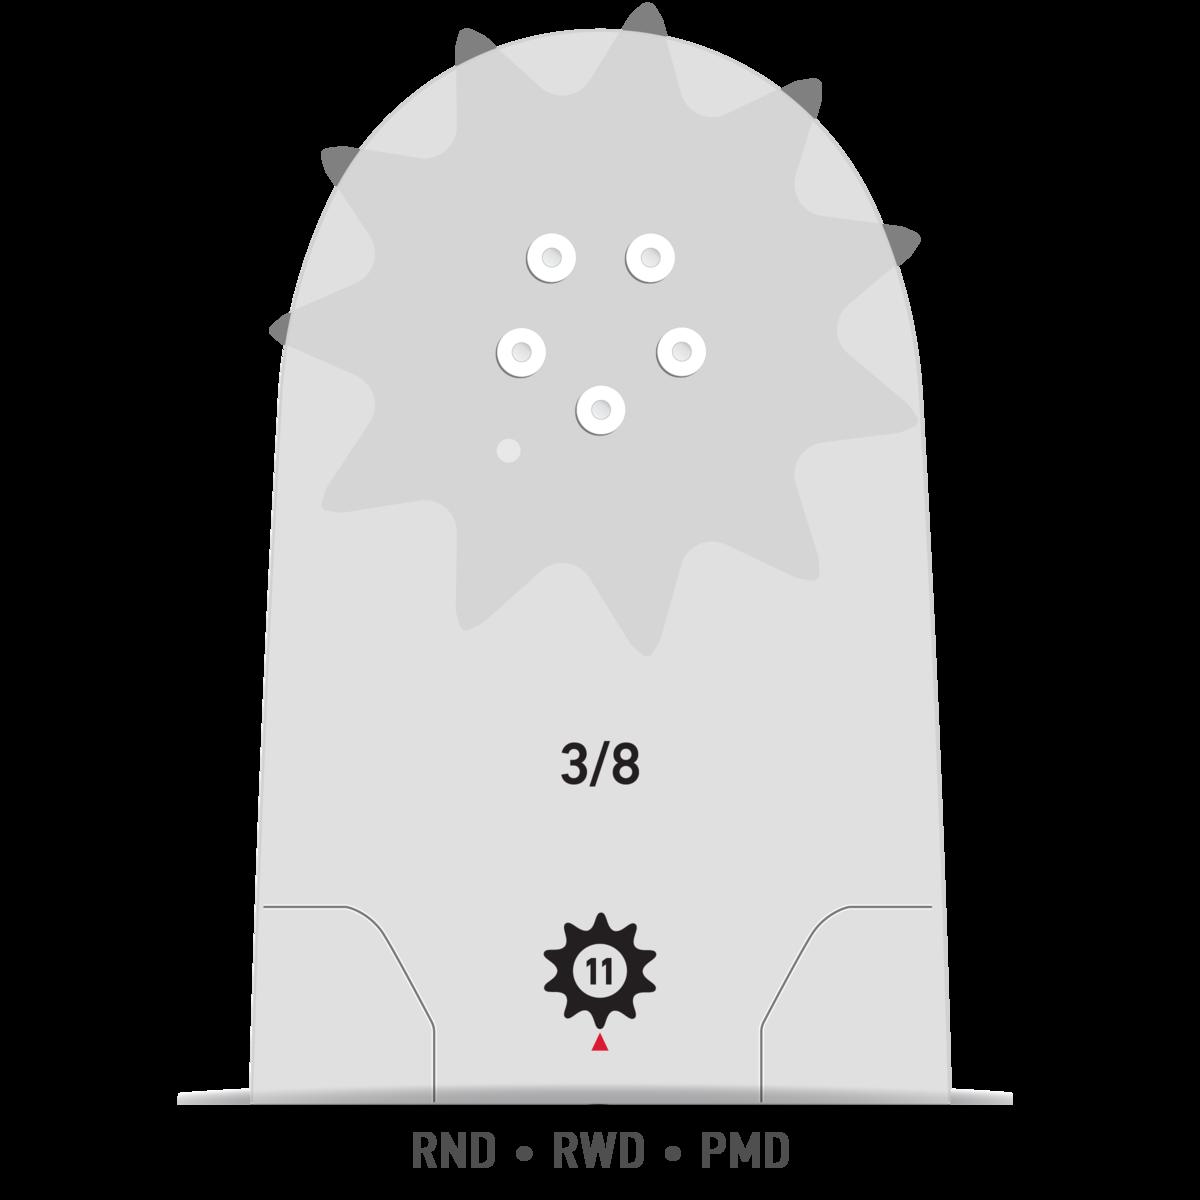 283RNDD025